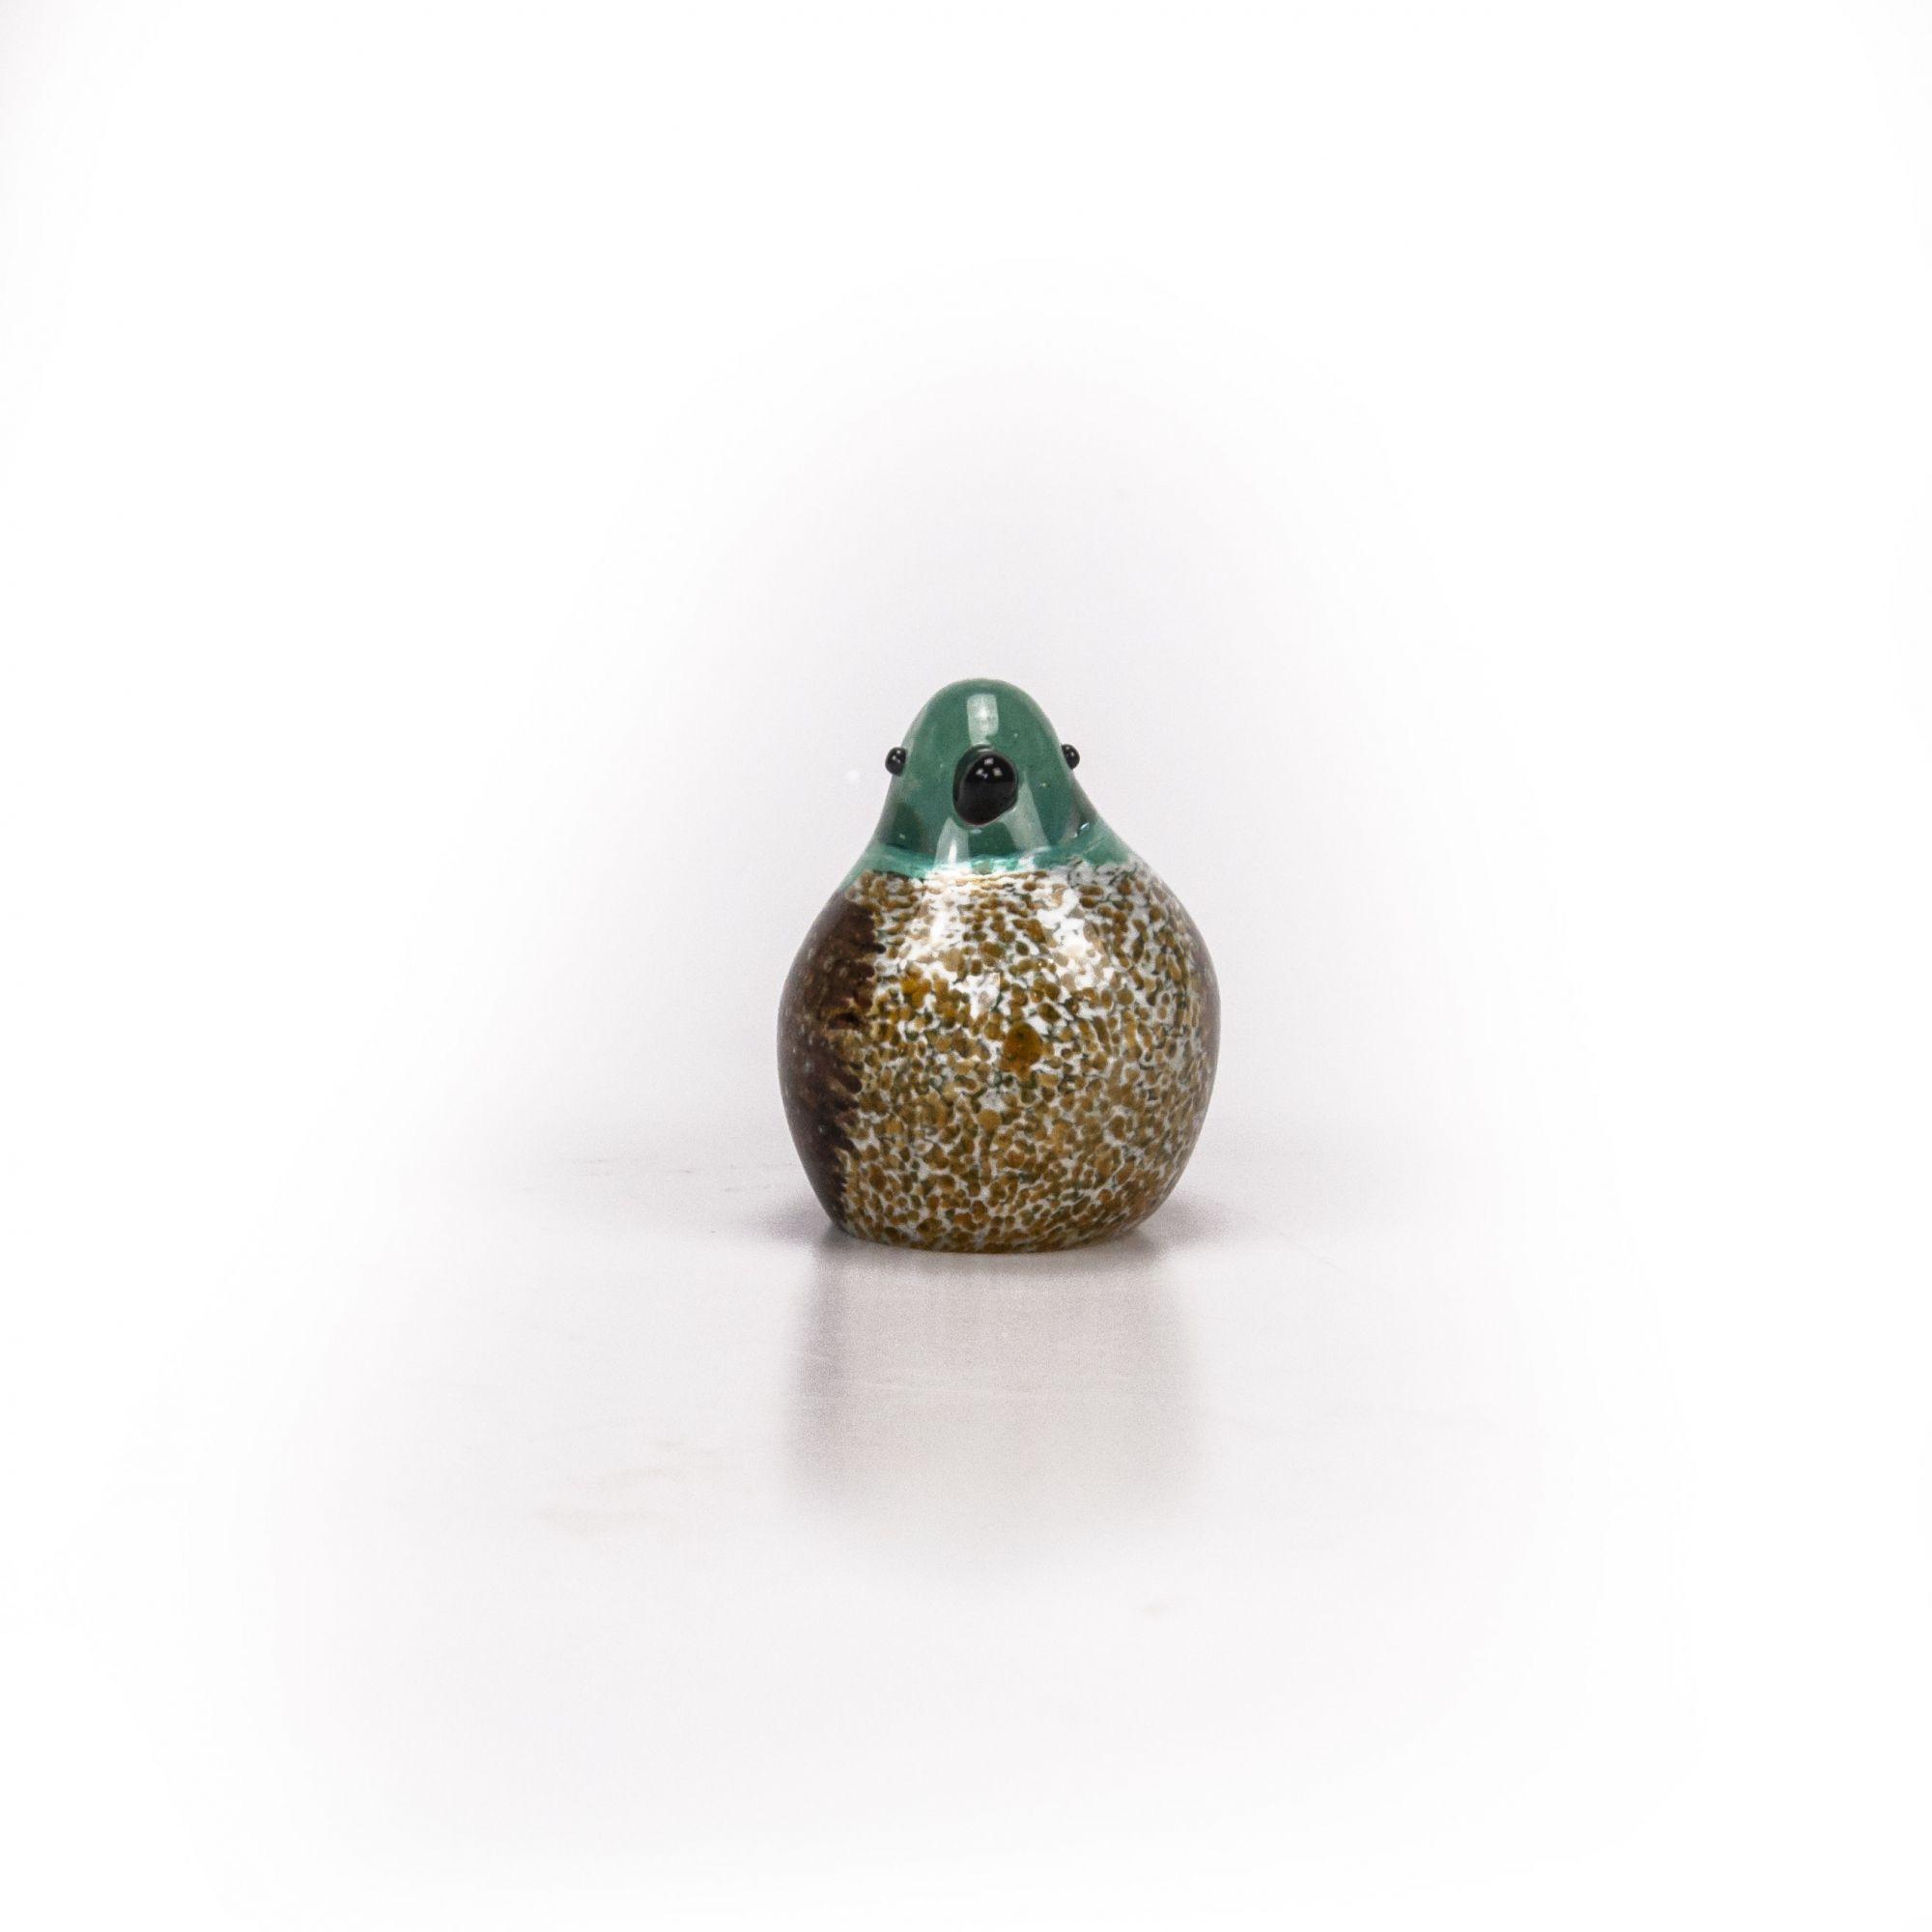 Adorno Pássaro 18 x 11,5 cm 61006